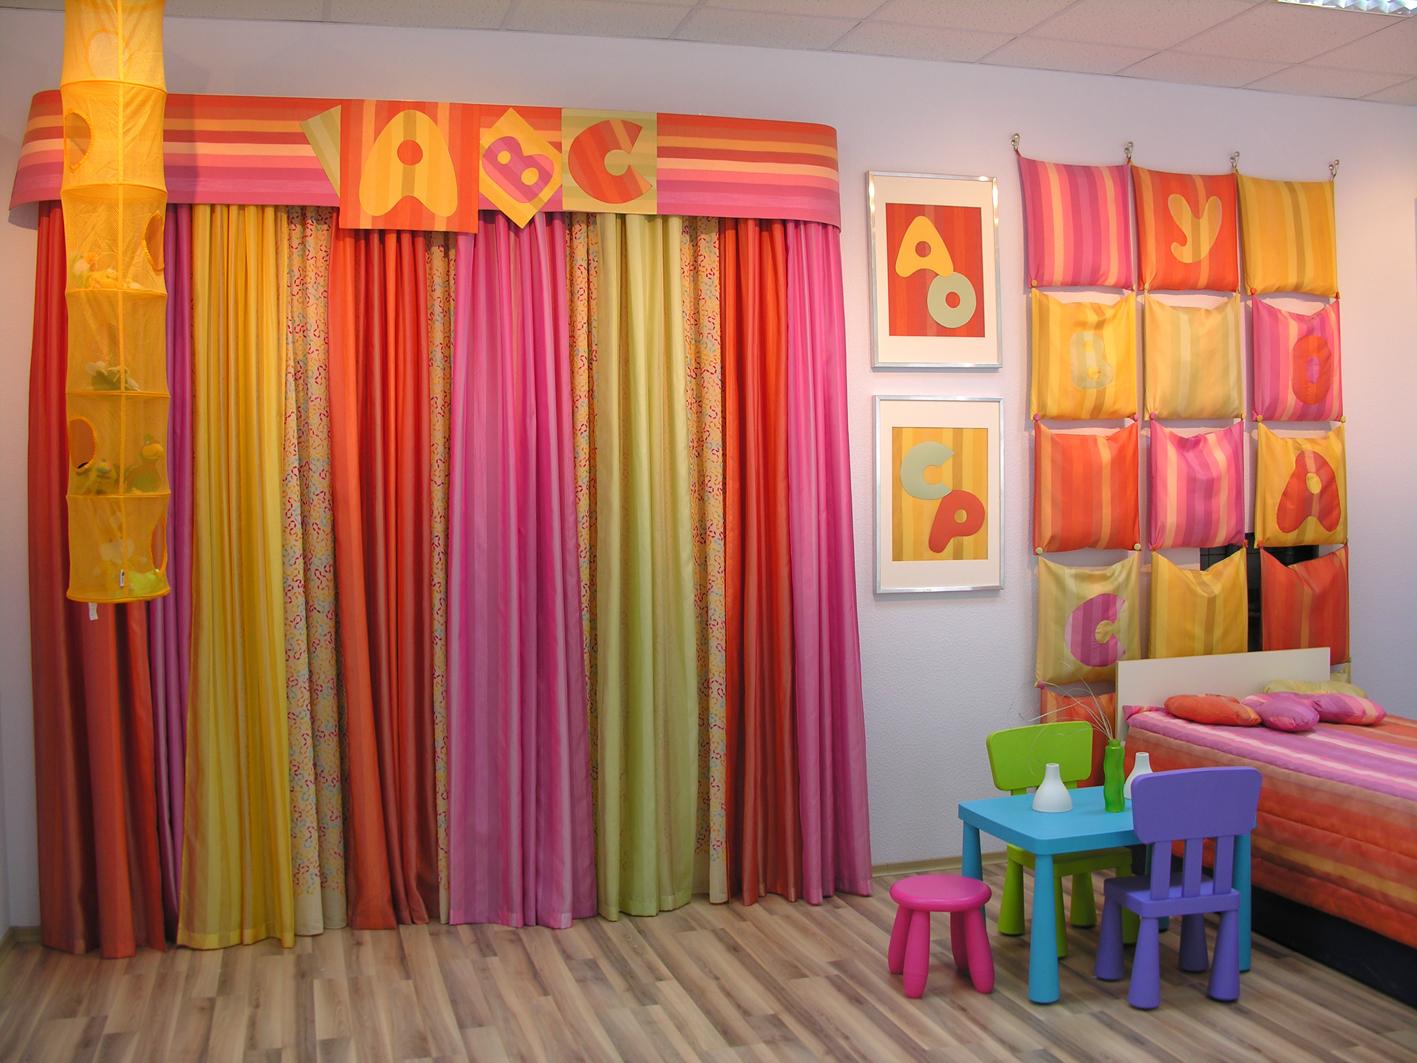 как украсить комнату на день рождения окна